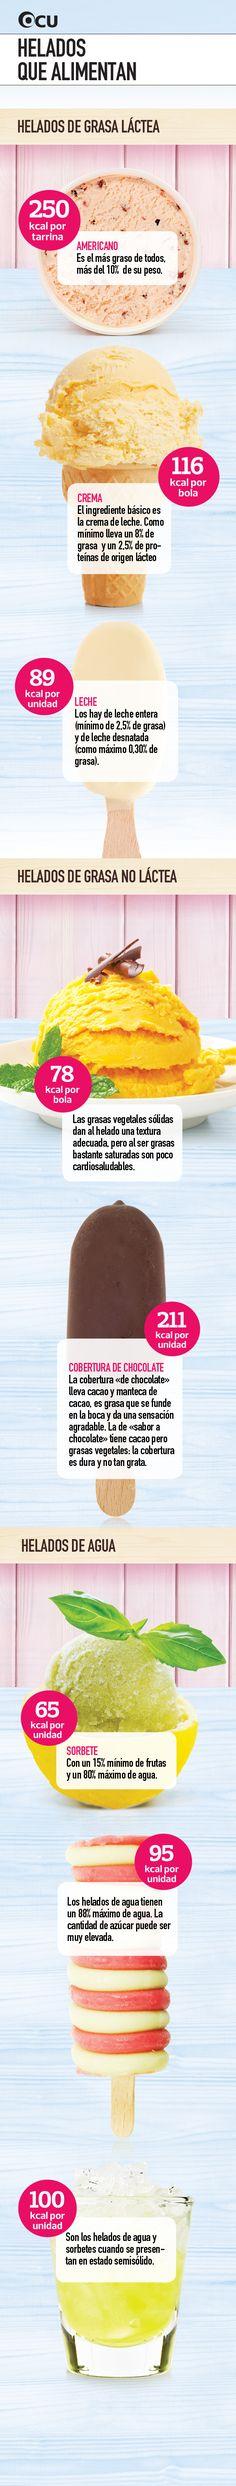 Decir que un helado engorda es lo mismo que no decir nada. Nosotros lo que te decimos son las calorías exactas de cada tipo de helado.